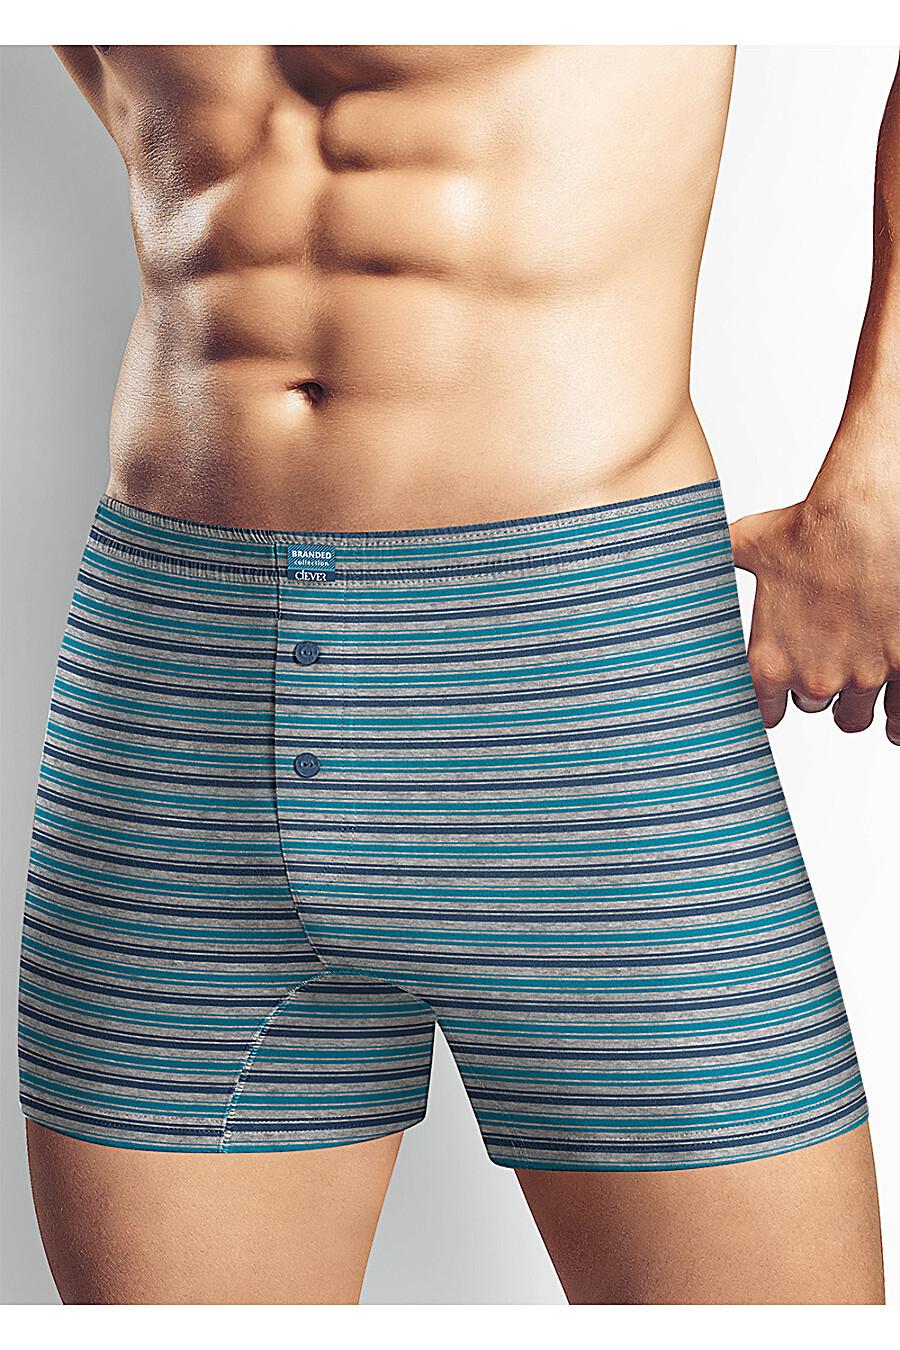 Трусы для мужчин CLEVER 155315 купить оптом от производителя. Совместная покупка мужской одежды в OptMoyo